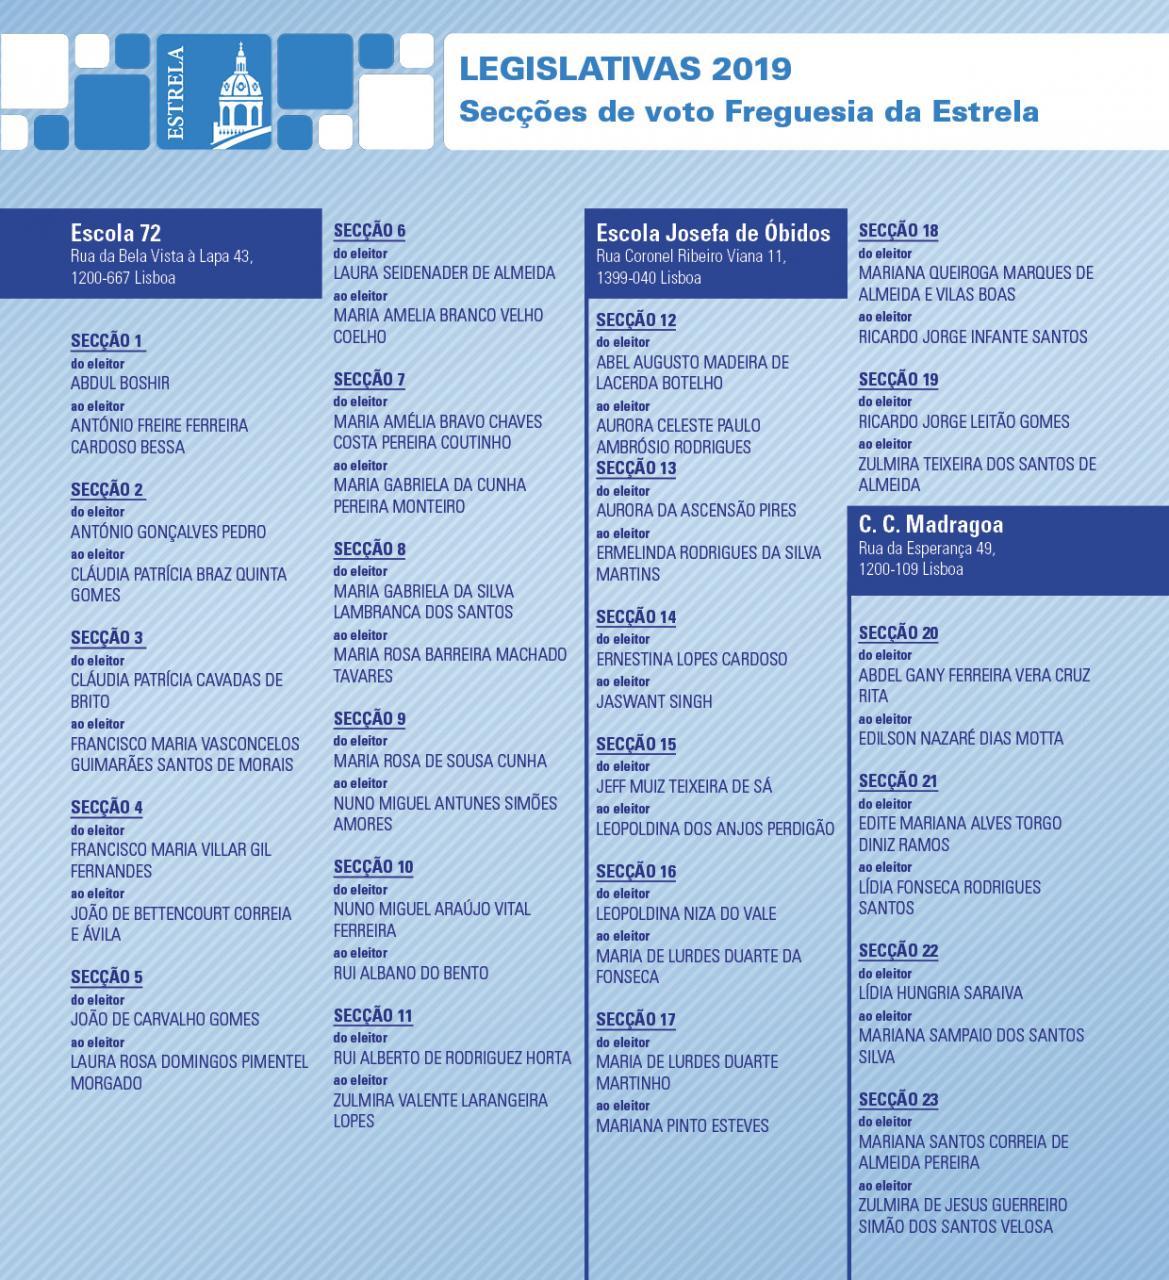 Secção de voto na Freguesia da Estrela